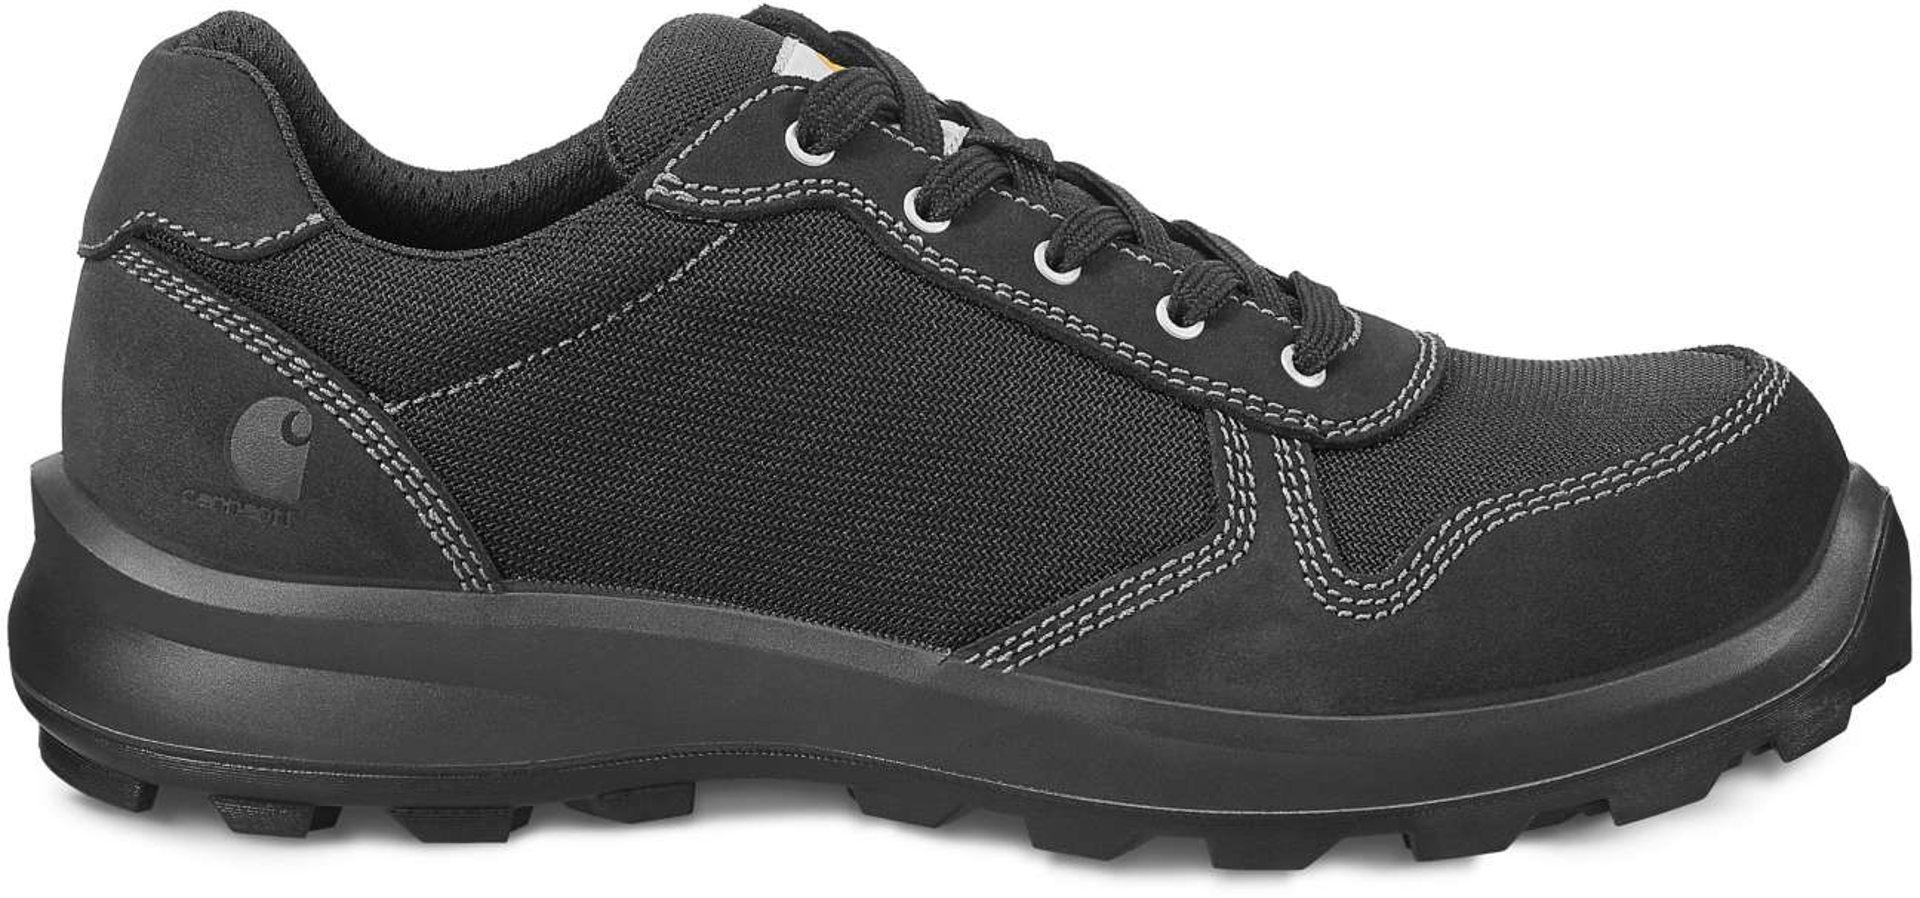 Carhartt Michigan Schuhe, schwarz, Größe 41, schwarz, Größe 41